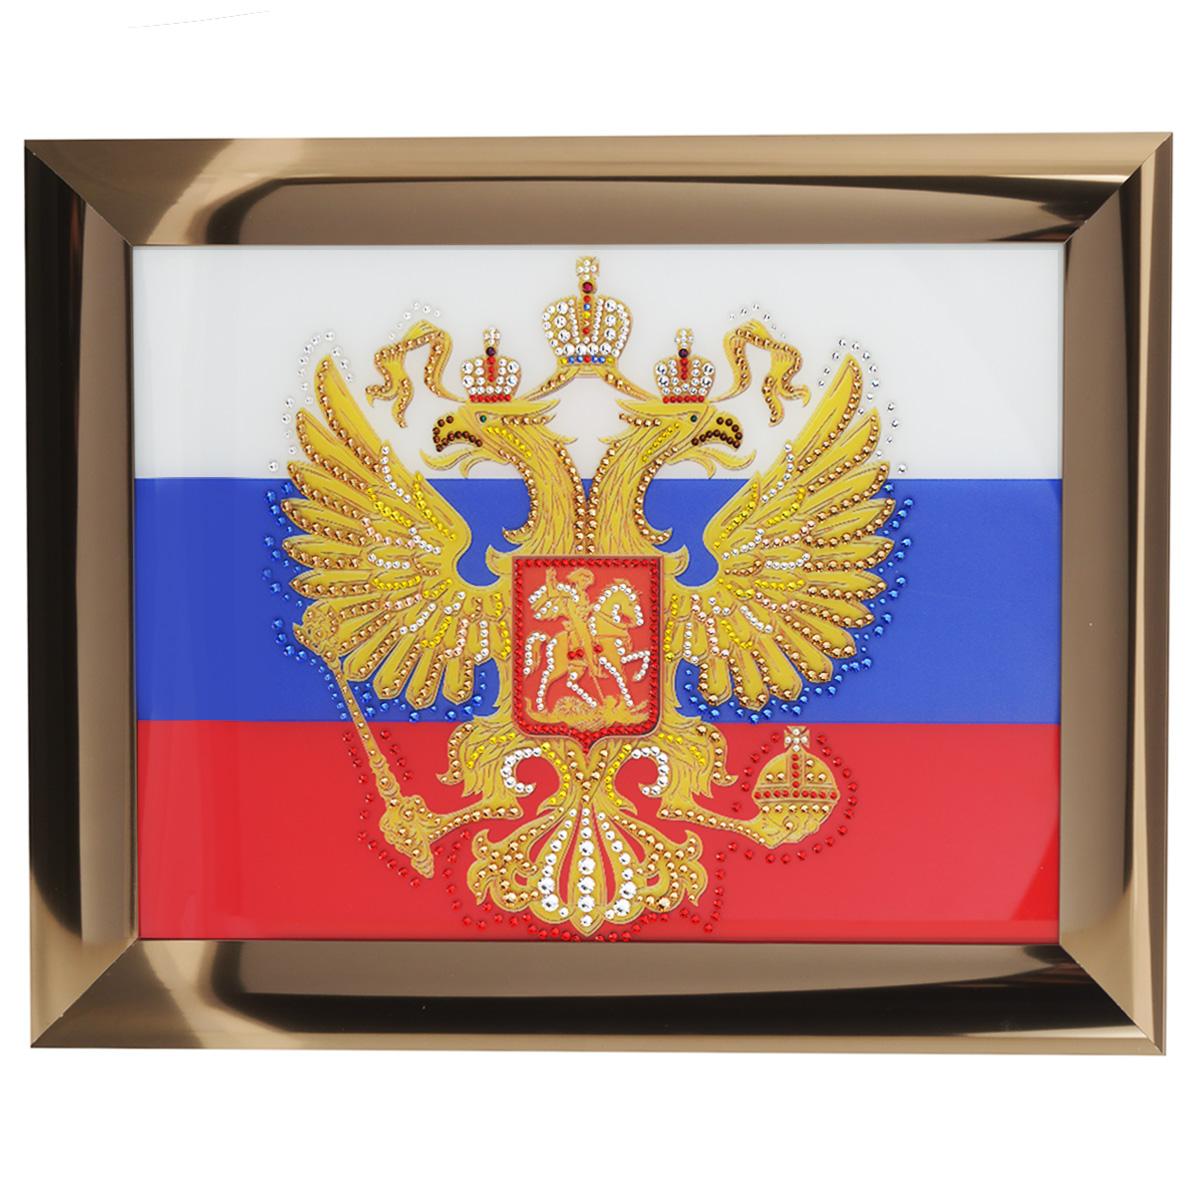 Картина с кристаллами Swarovski Герб России, 47,5 х 37,5 см1331Изящная картина в металлической раме, инкрустирована кристаллами Swarovski, которые отличаются четкой и ровной огранкой, ярким блеском и чистотой цвета. Красочное изображение герба России, расположенное под стеклом, прекрасно дополняет блеск кристаллов. С обратной стороны имеется металлическая петелька для размещения картины на стене. Картина с кристаллами Swarovski Герб России элегантно украсит интерьер дома или офиса, а также станет прекрасным подарком, который обязательно понравится получателю. Блеск кристаллов в интерьере, что может быть сказочнее и удивительнее. Картина упакована в подарочную картонную коробку синего цвета и комплектуется сертификатом соответствия Swarovski.